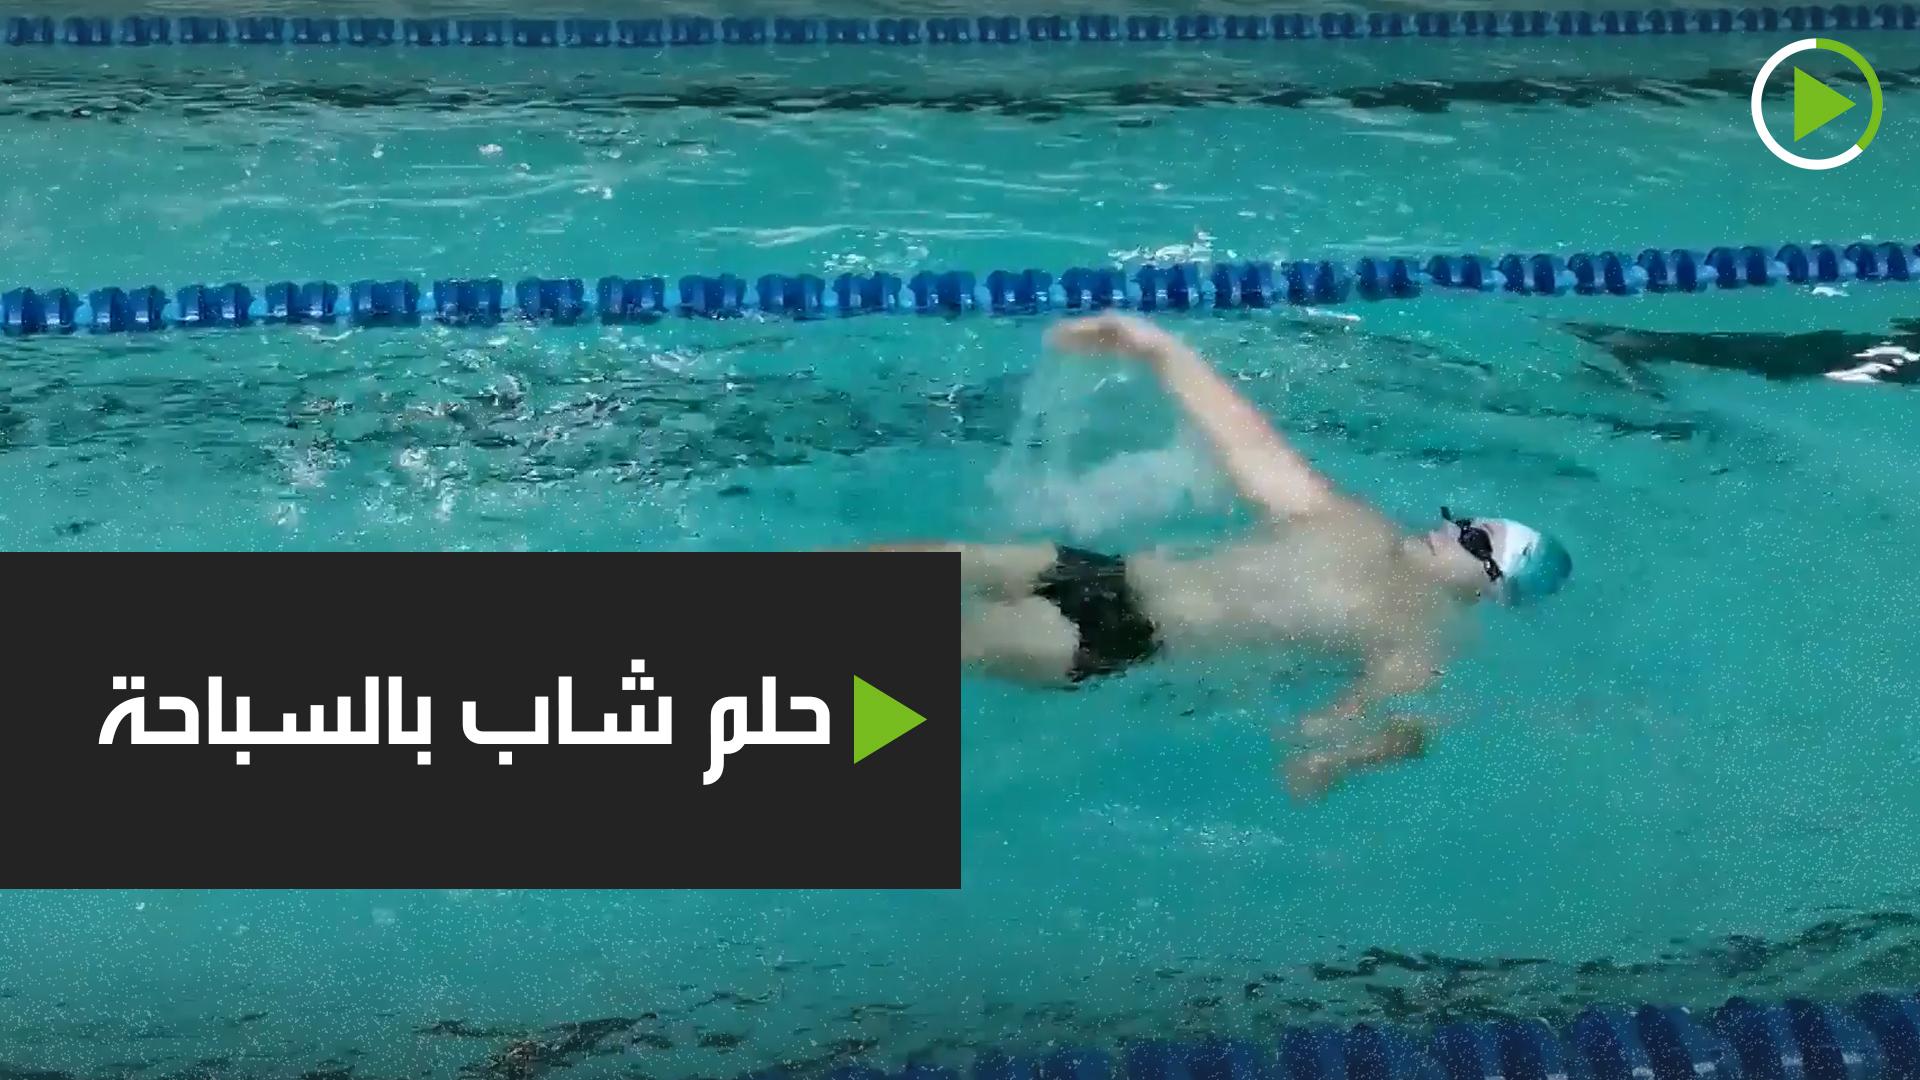 شاب مبتور الساقين يمارس السباحة